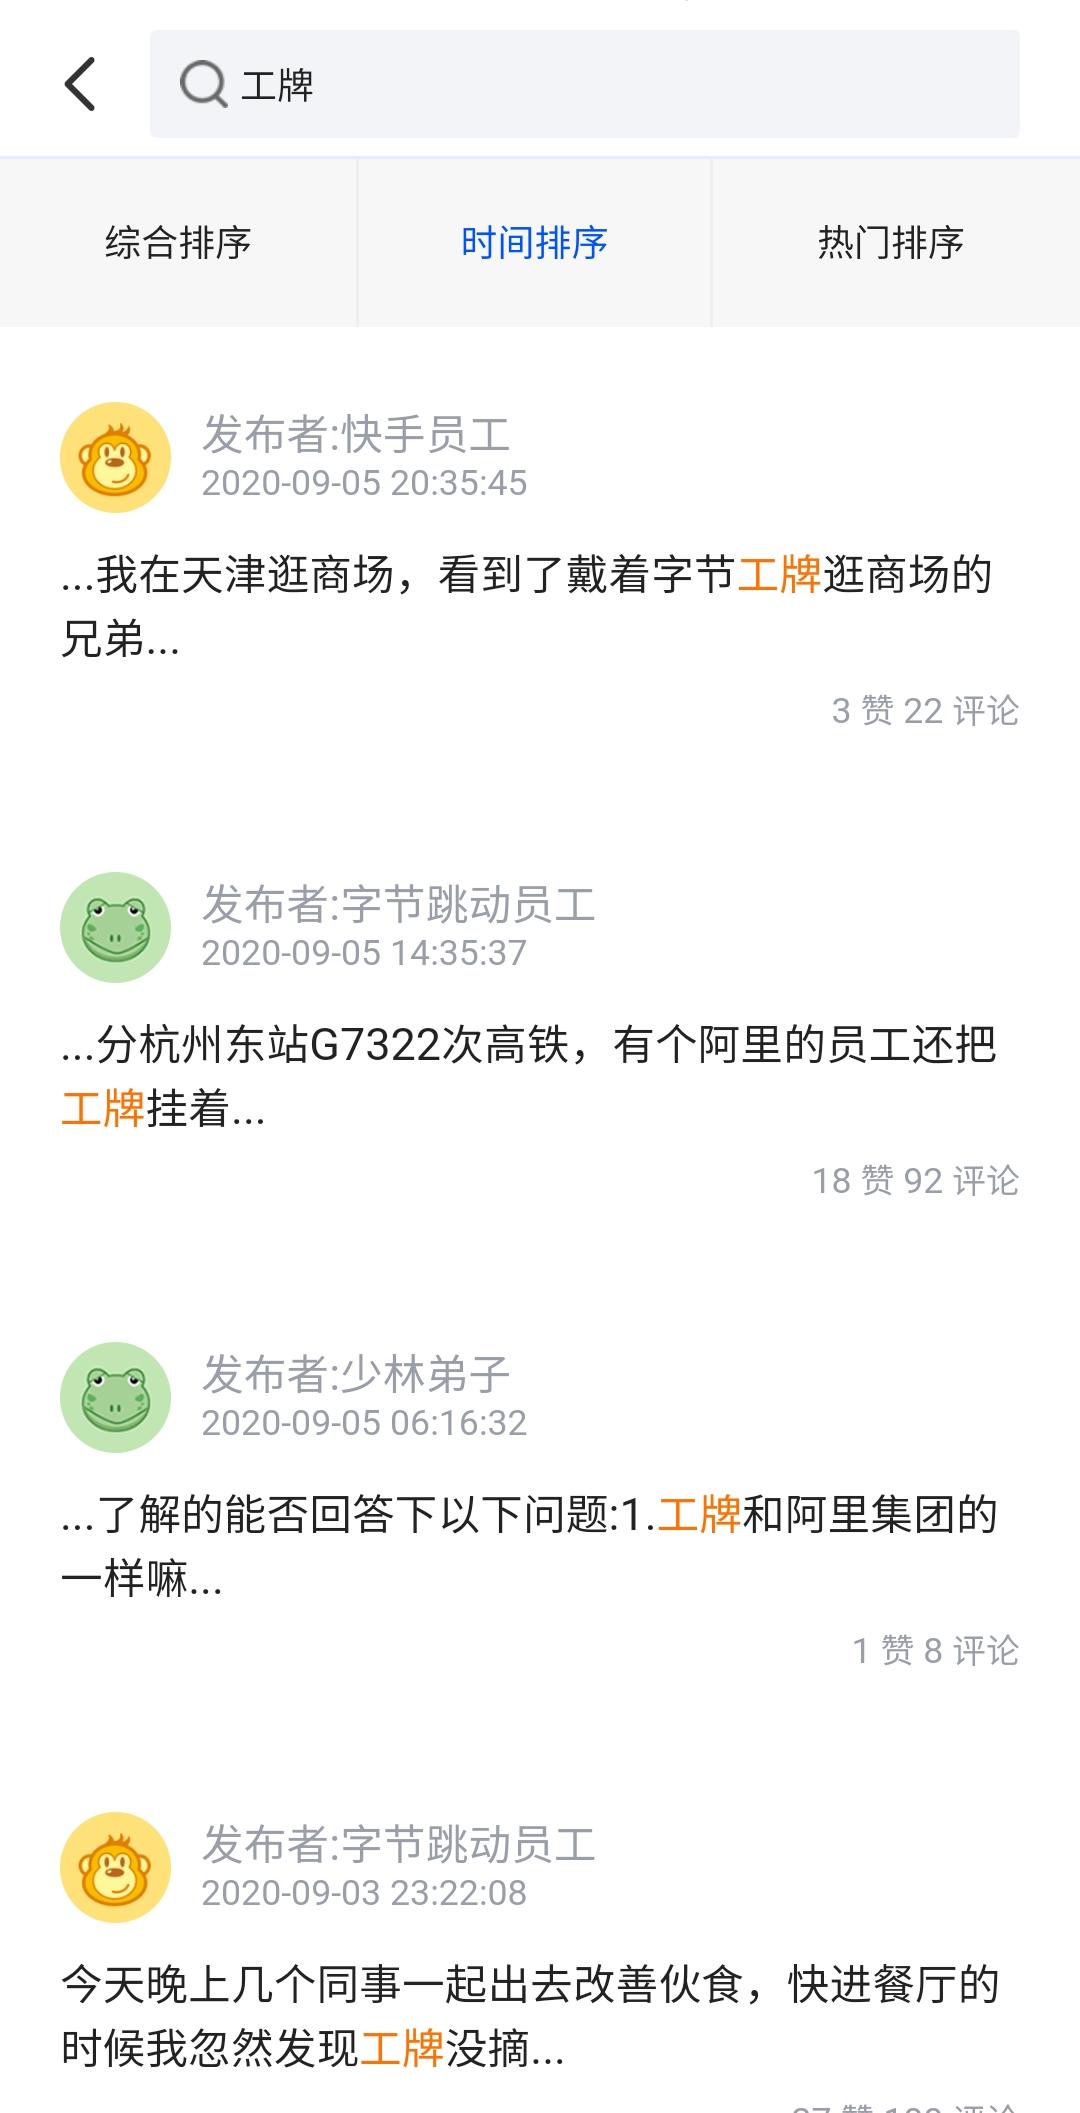 鸟哥笔记,用户运营,用户456402,社区,用户运营